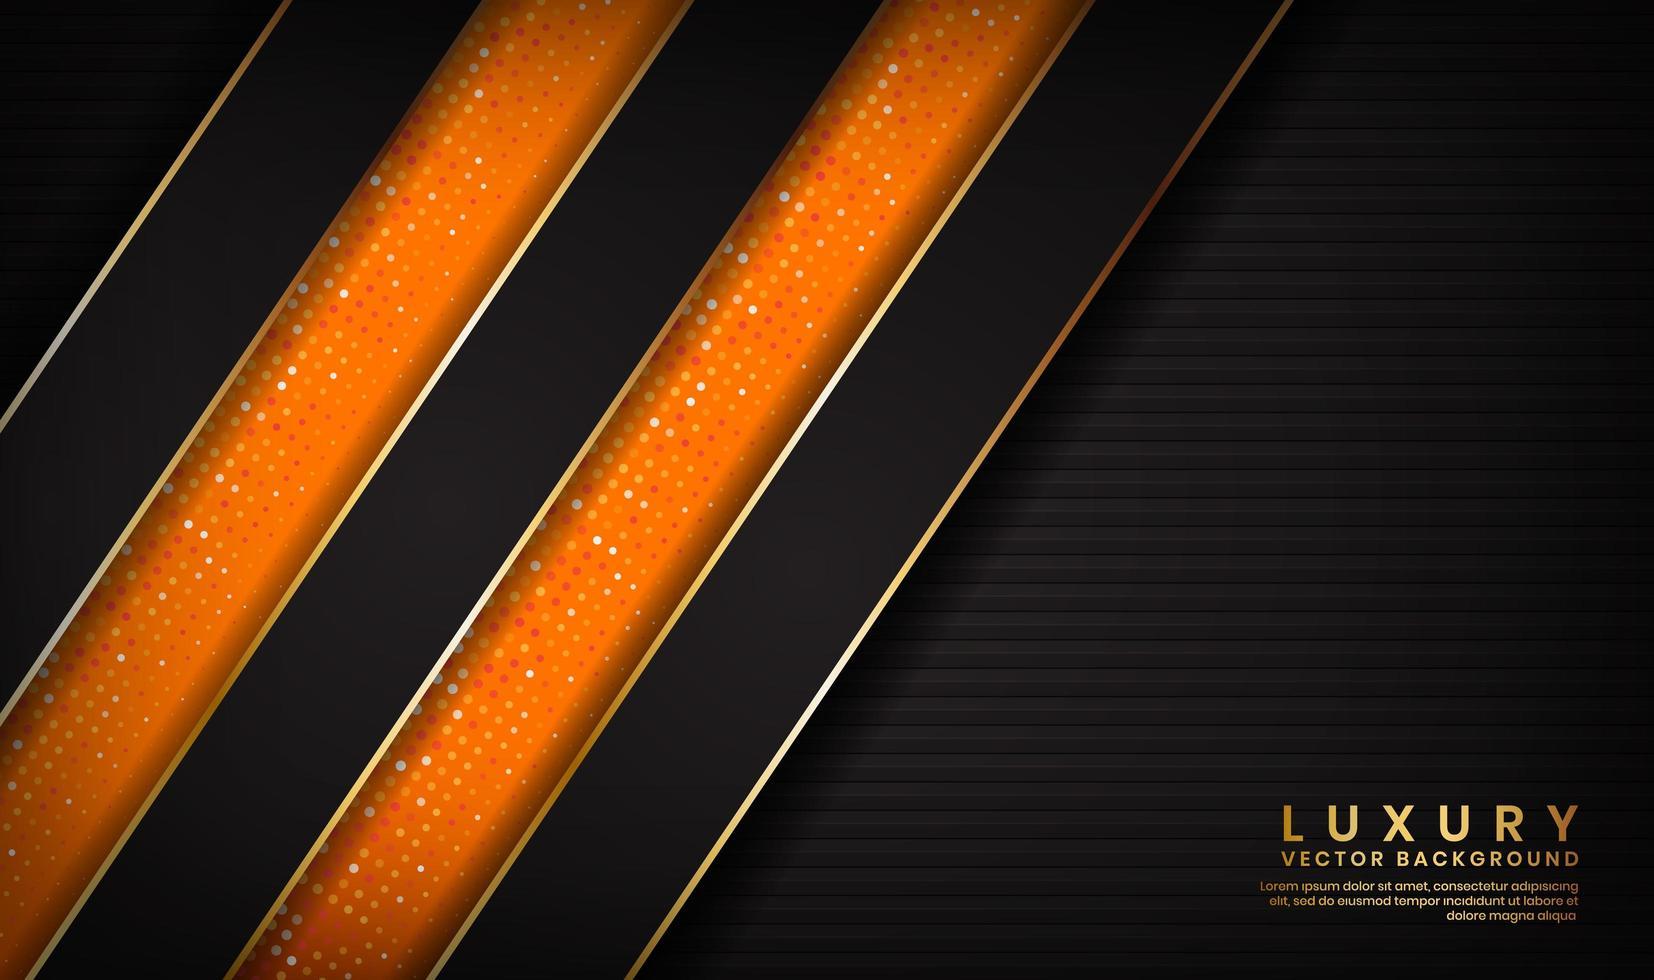 Fondo negro y naranja de lujo a rayas de fondo abstracto vector